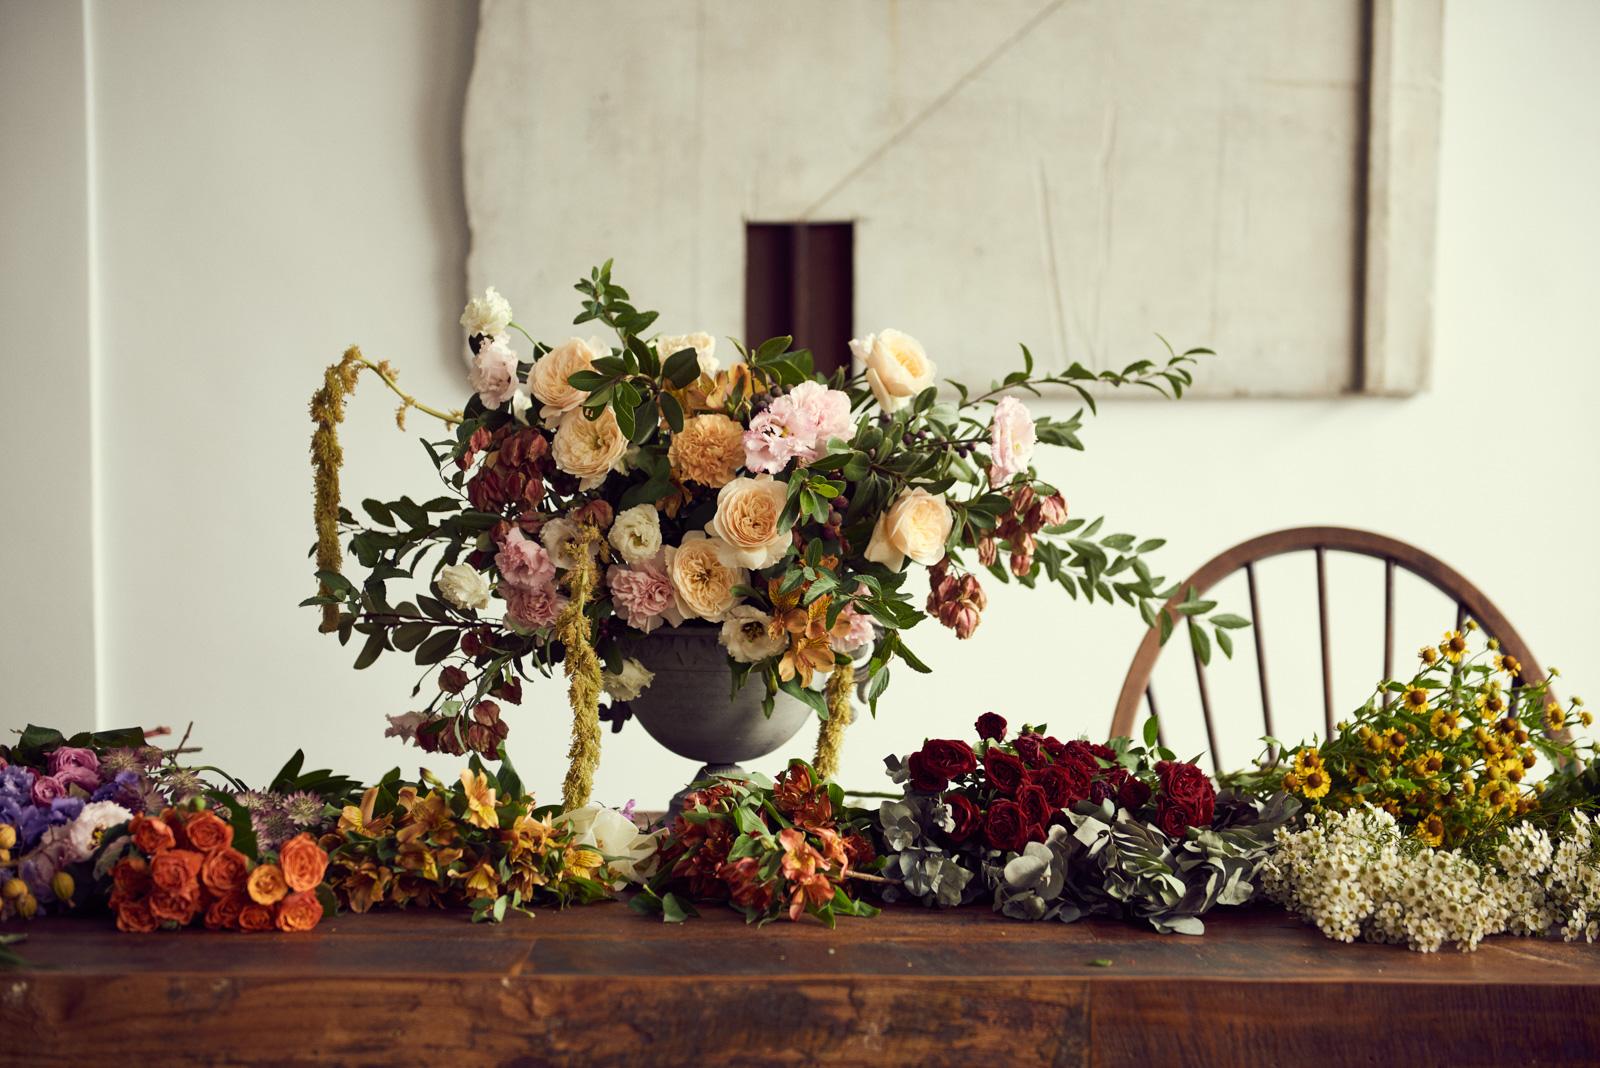 Order Your Flower 客製訂花 - 我們提供包月花束與客製化訂花服務。包月花束將提供您最當季的鮮花組合,客製化訂花服務則可依照您喜歡的顏色或風格為您訂製專屬花禮。